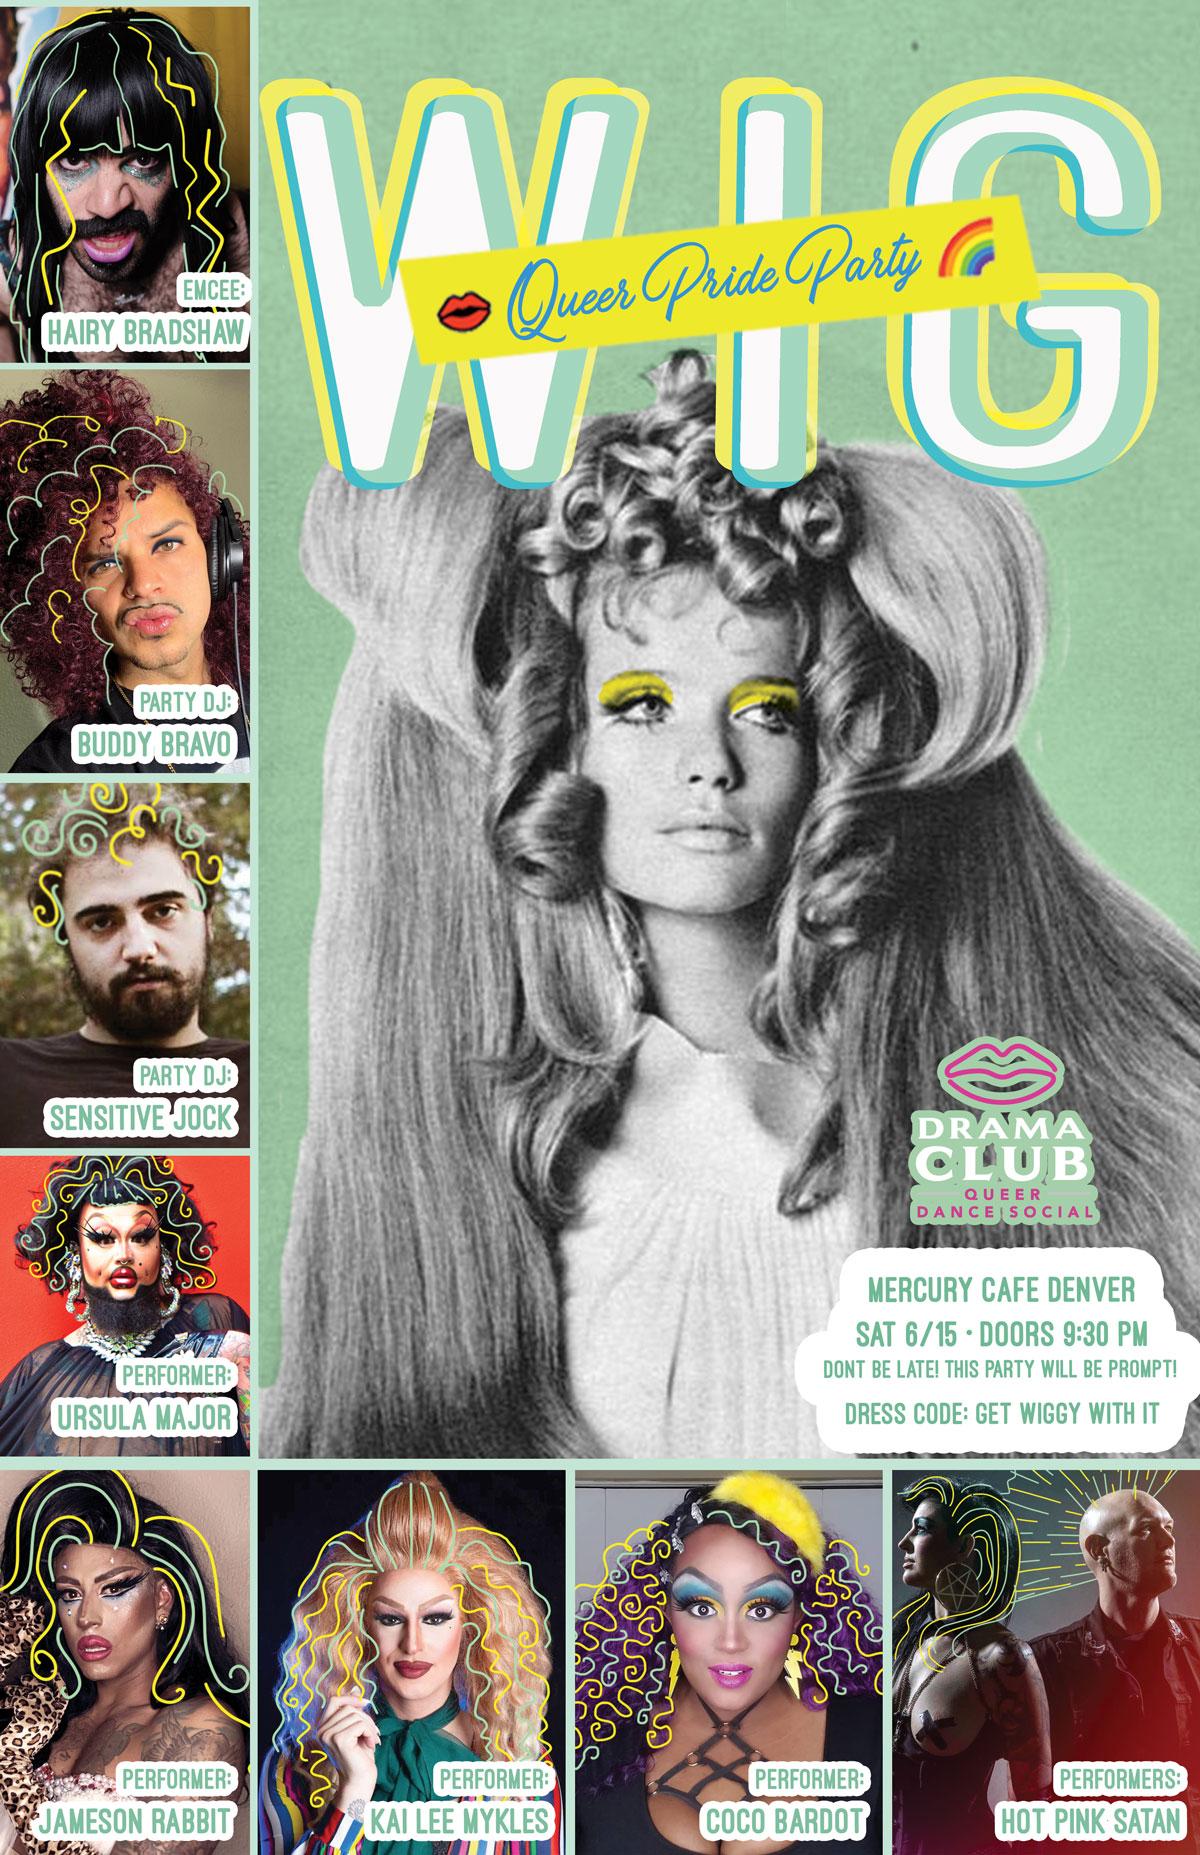 DramaClub-WIG-Poster_v2_lores.jpg